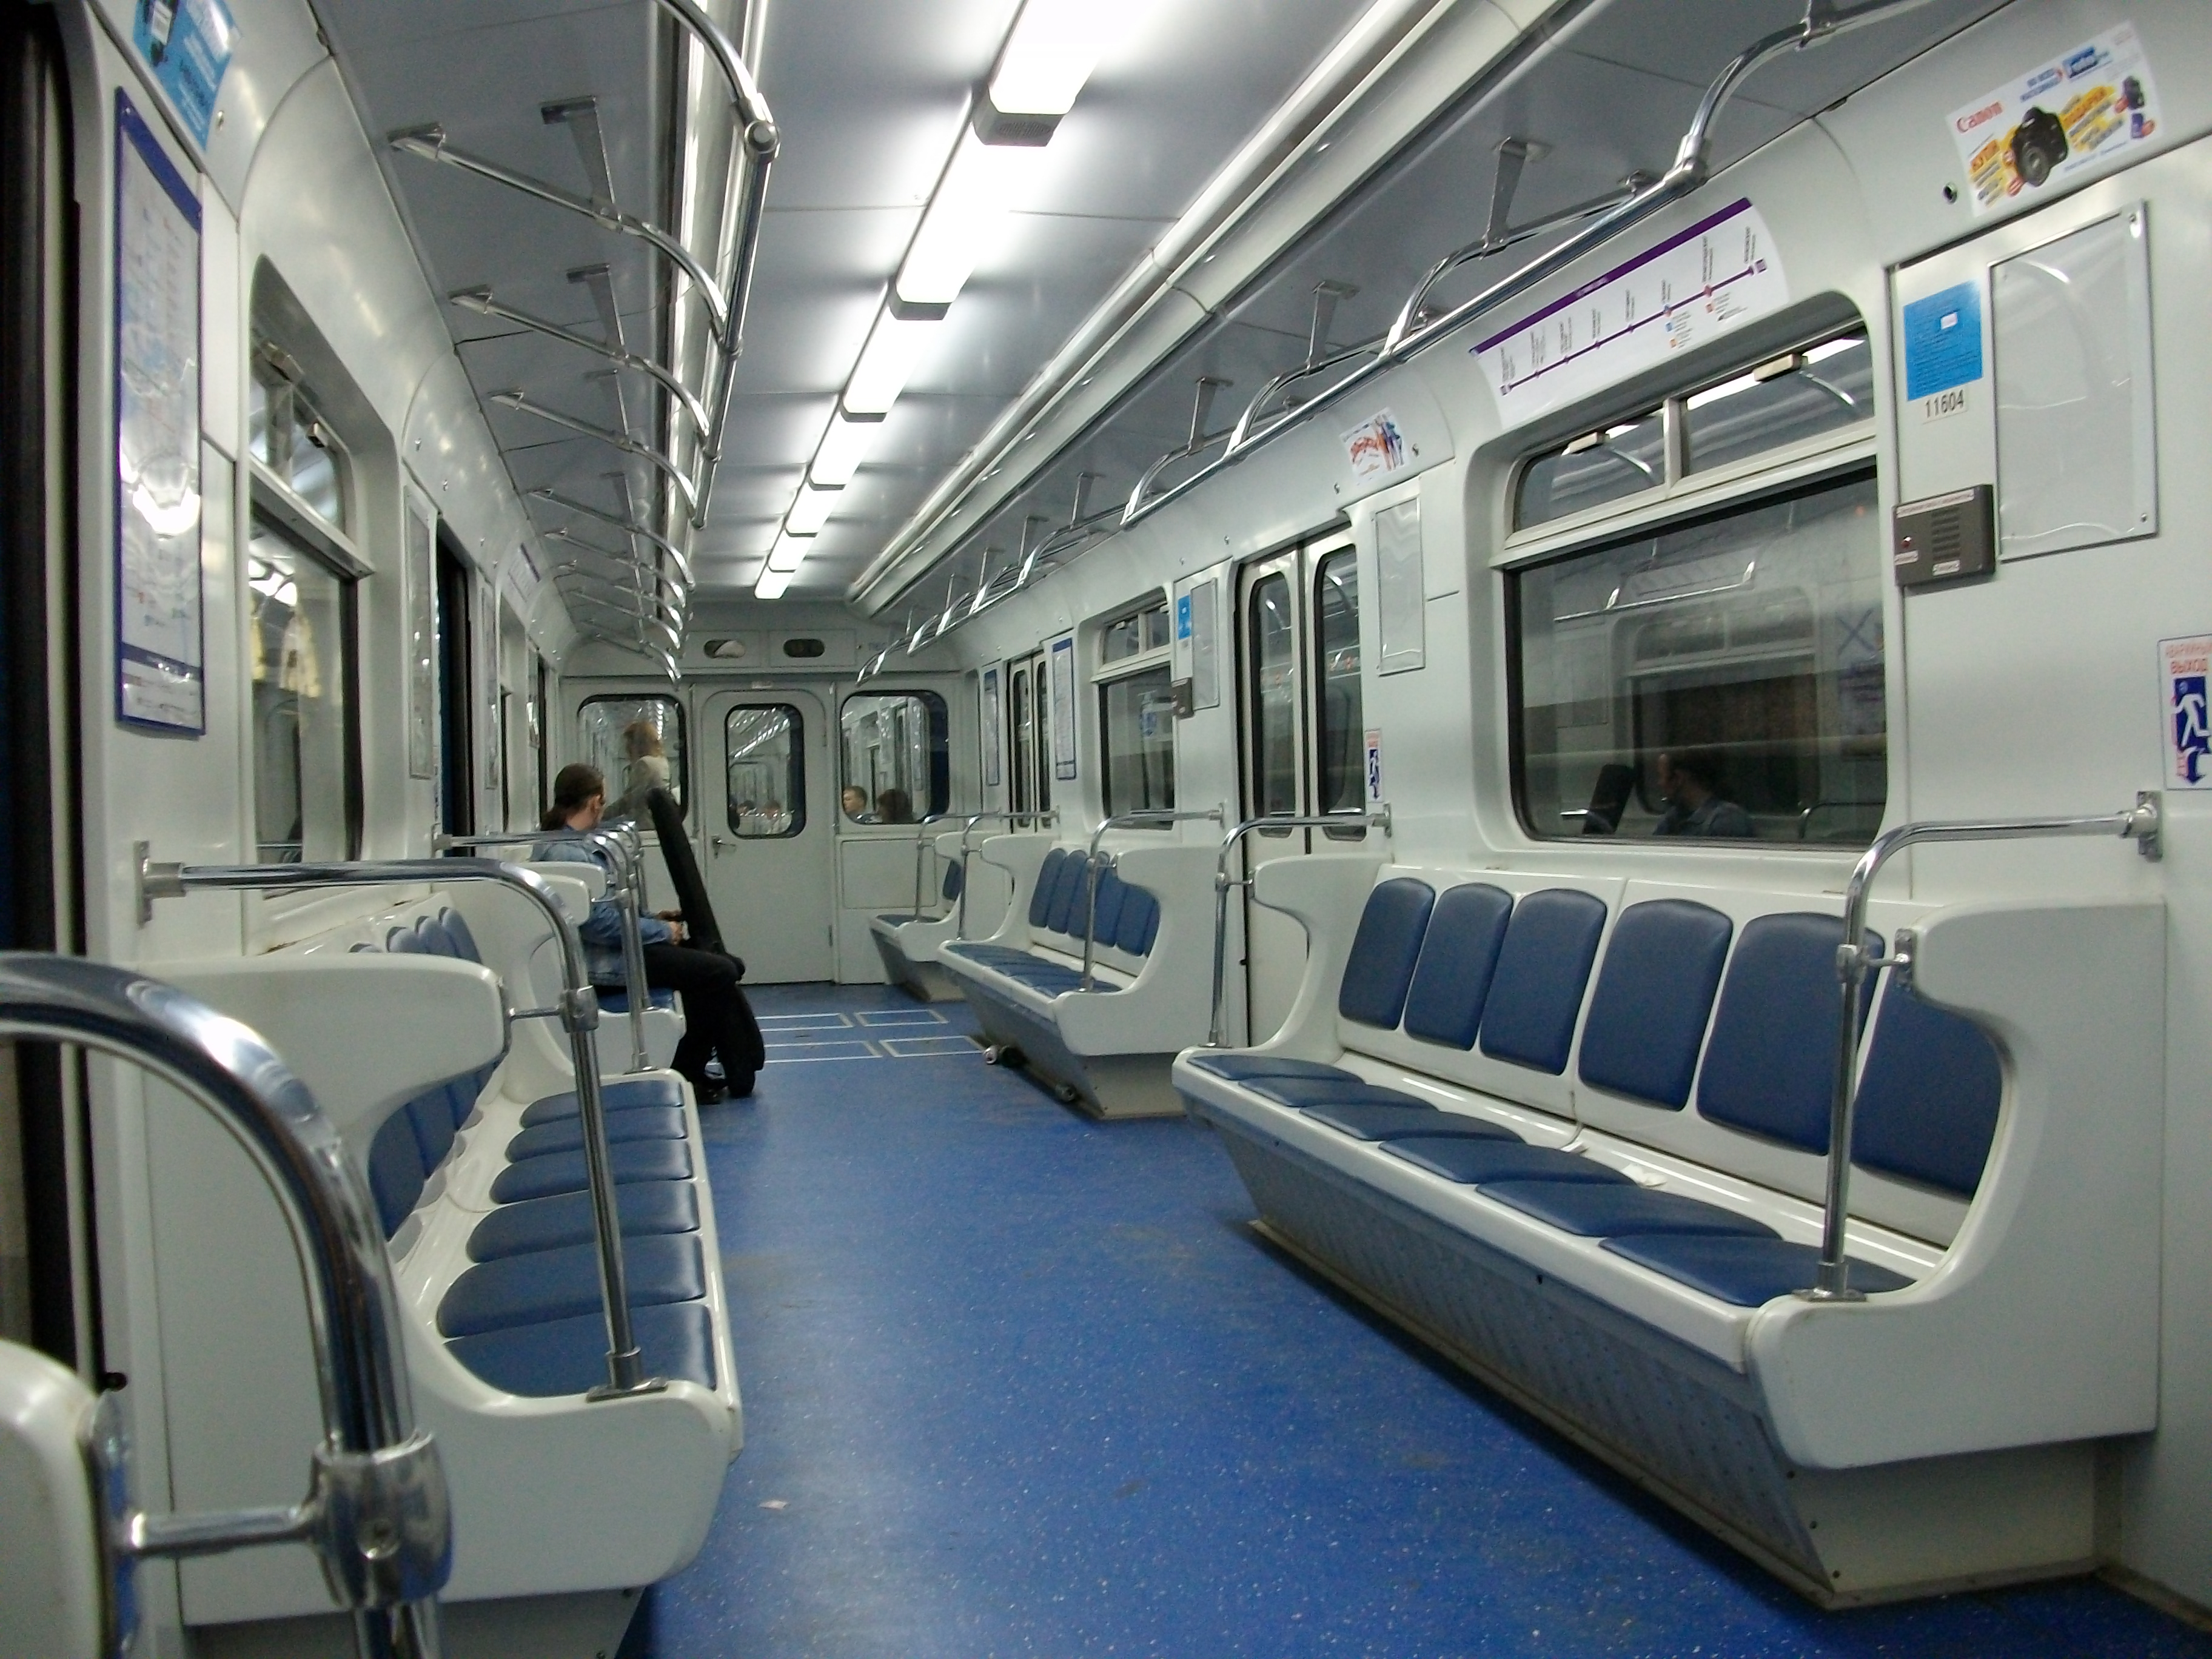 inside subway train. Black Bedroom Furniture Sets. Home Design Ideas